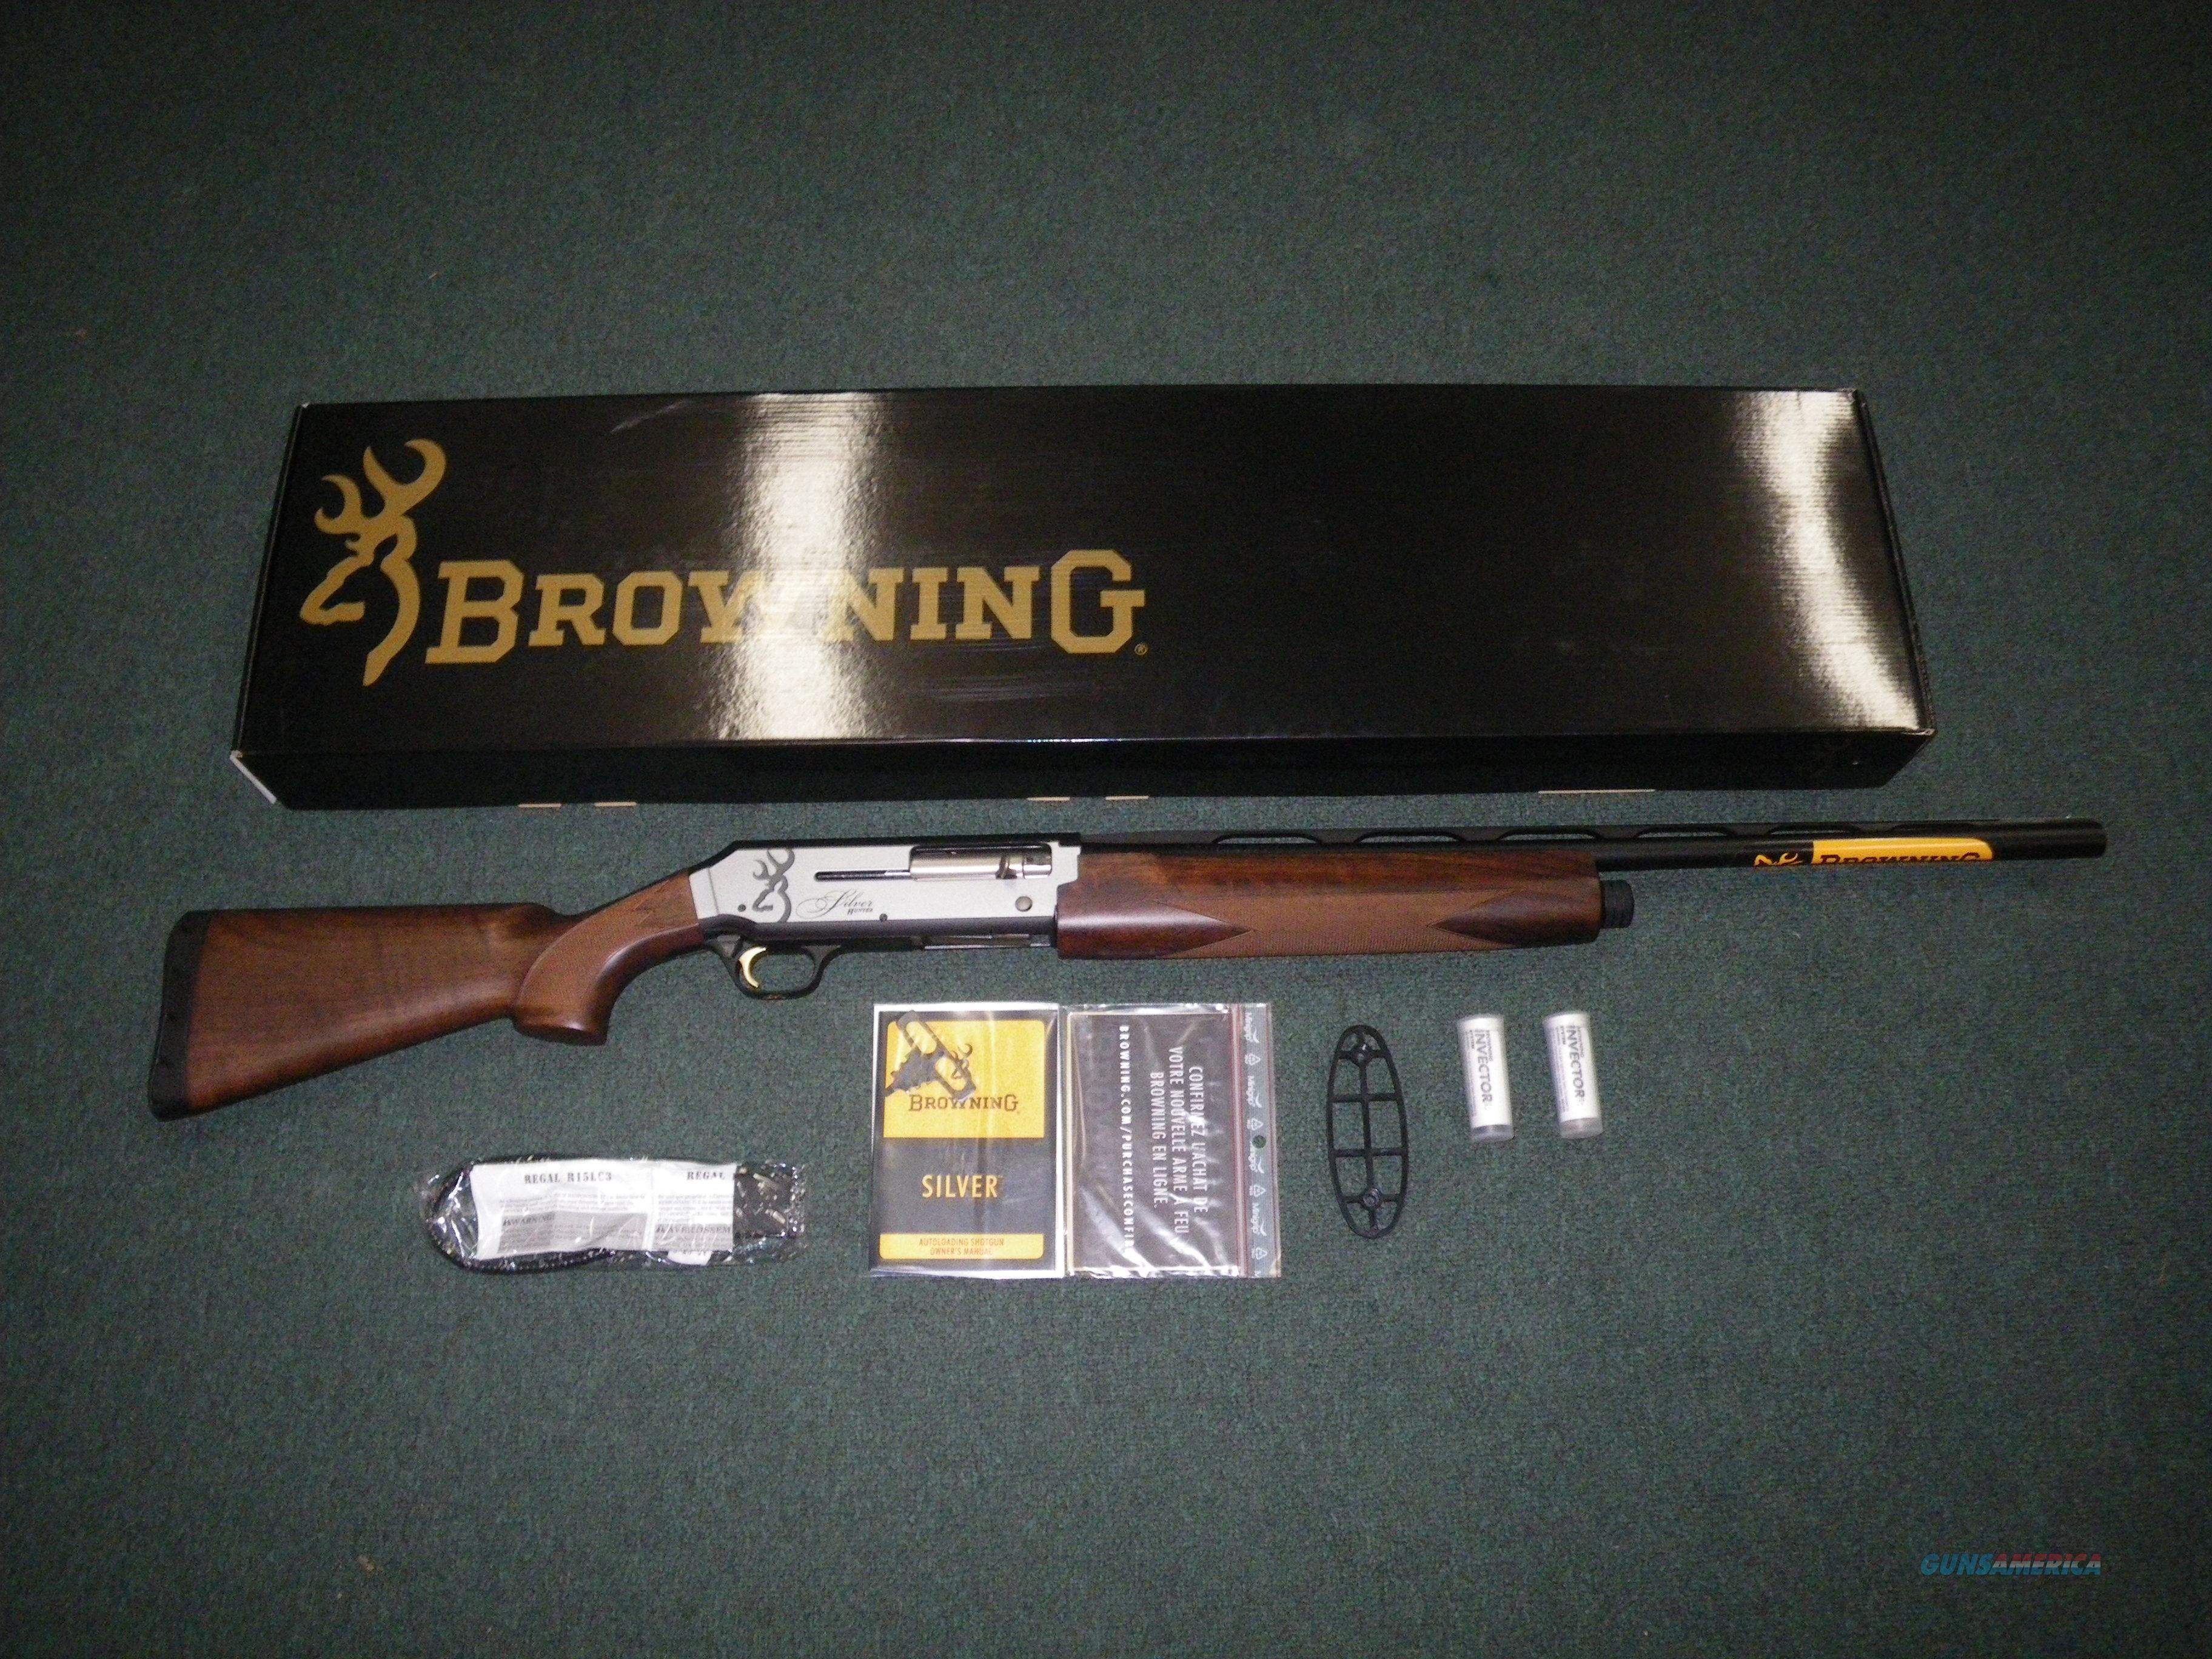 """Browning Silver Hunter Micro Midas 12ga 26"""" NEW 3"""" #011412305  Guns > Shotguns > Browning Shotguns > Autoloaders > Hunting"""